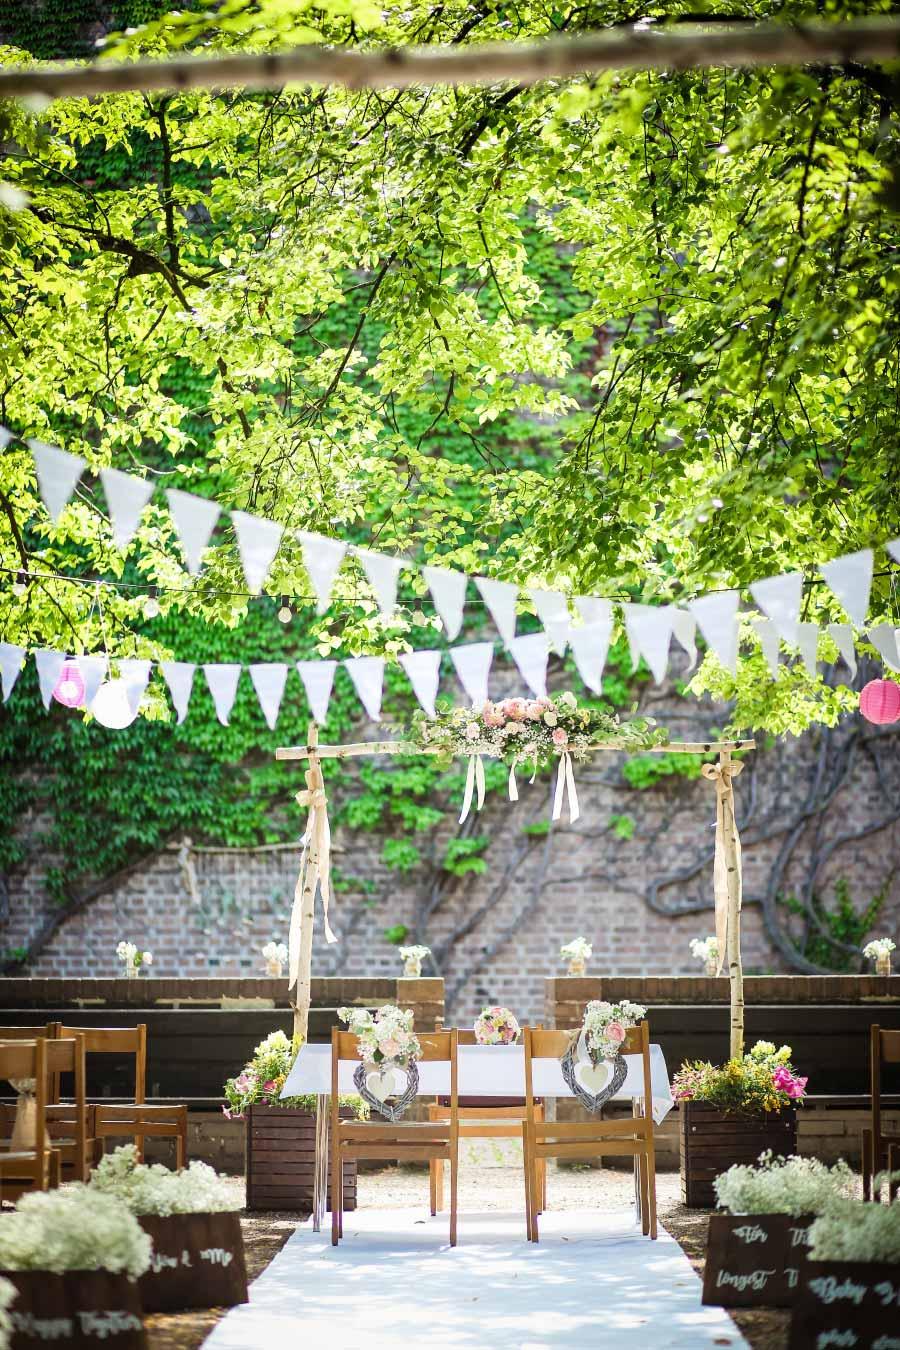 Die Hof-Hochzeit von Nicolina & Jürgen mit freier Trauung. Fotografiert von Oh. What a Day - Wedding Photography